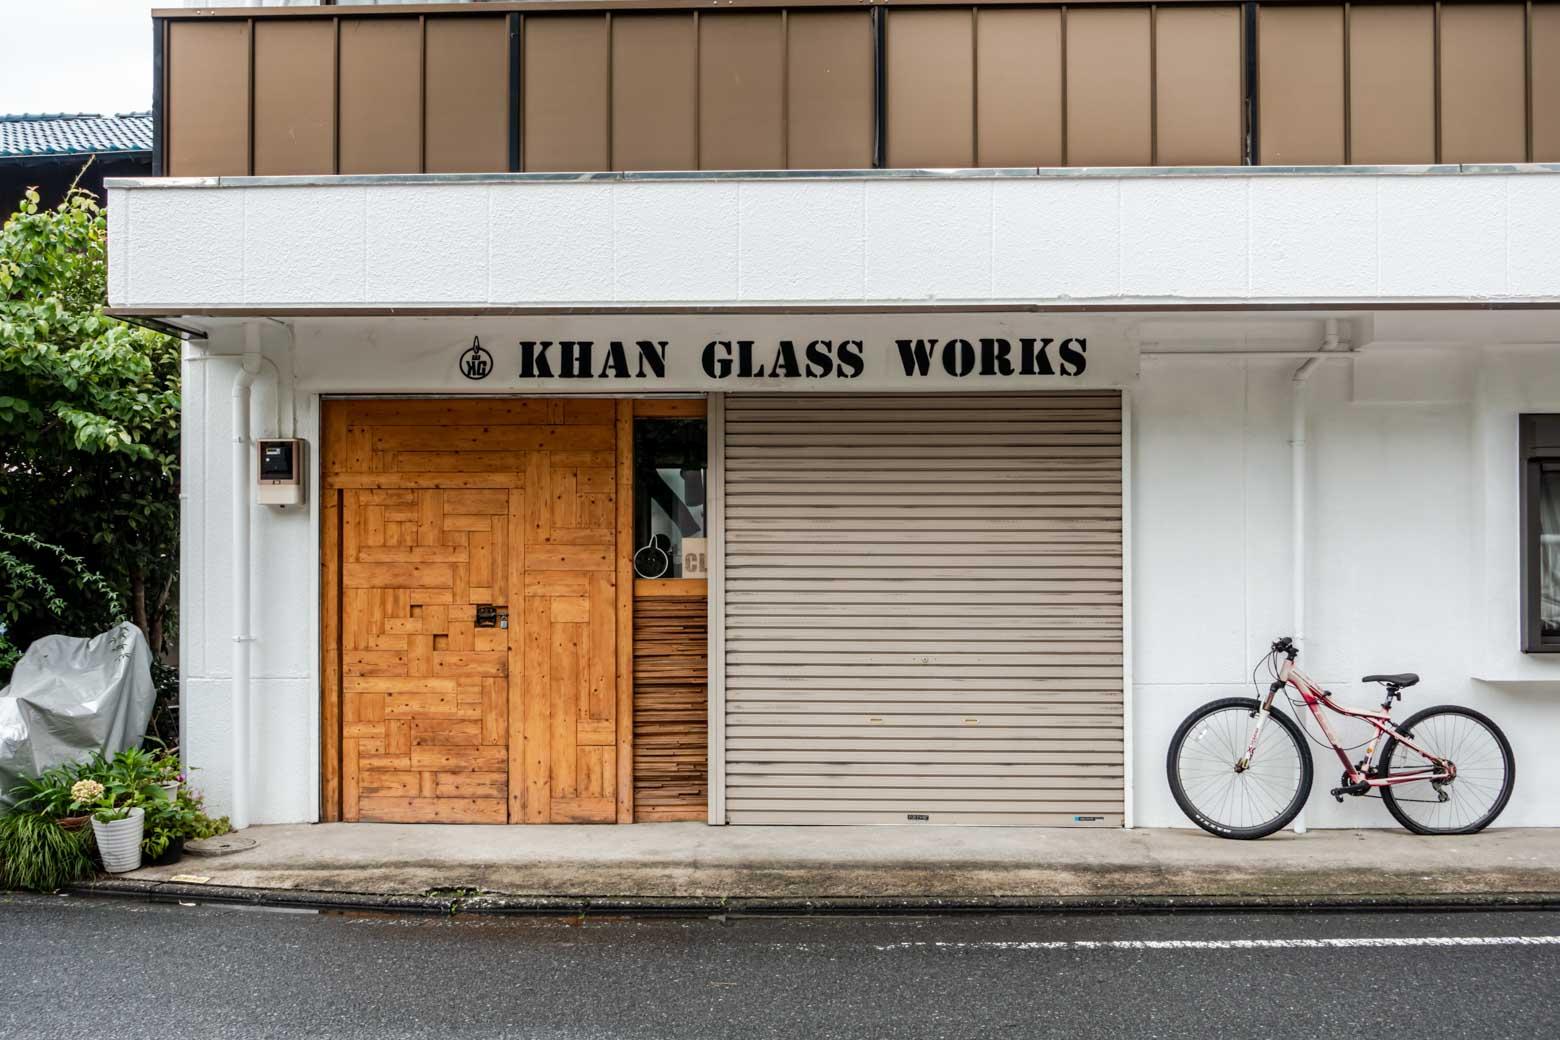 おしゃれなガラス工房もあります。ガラス雑貨の工法を学べるそうです。